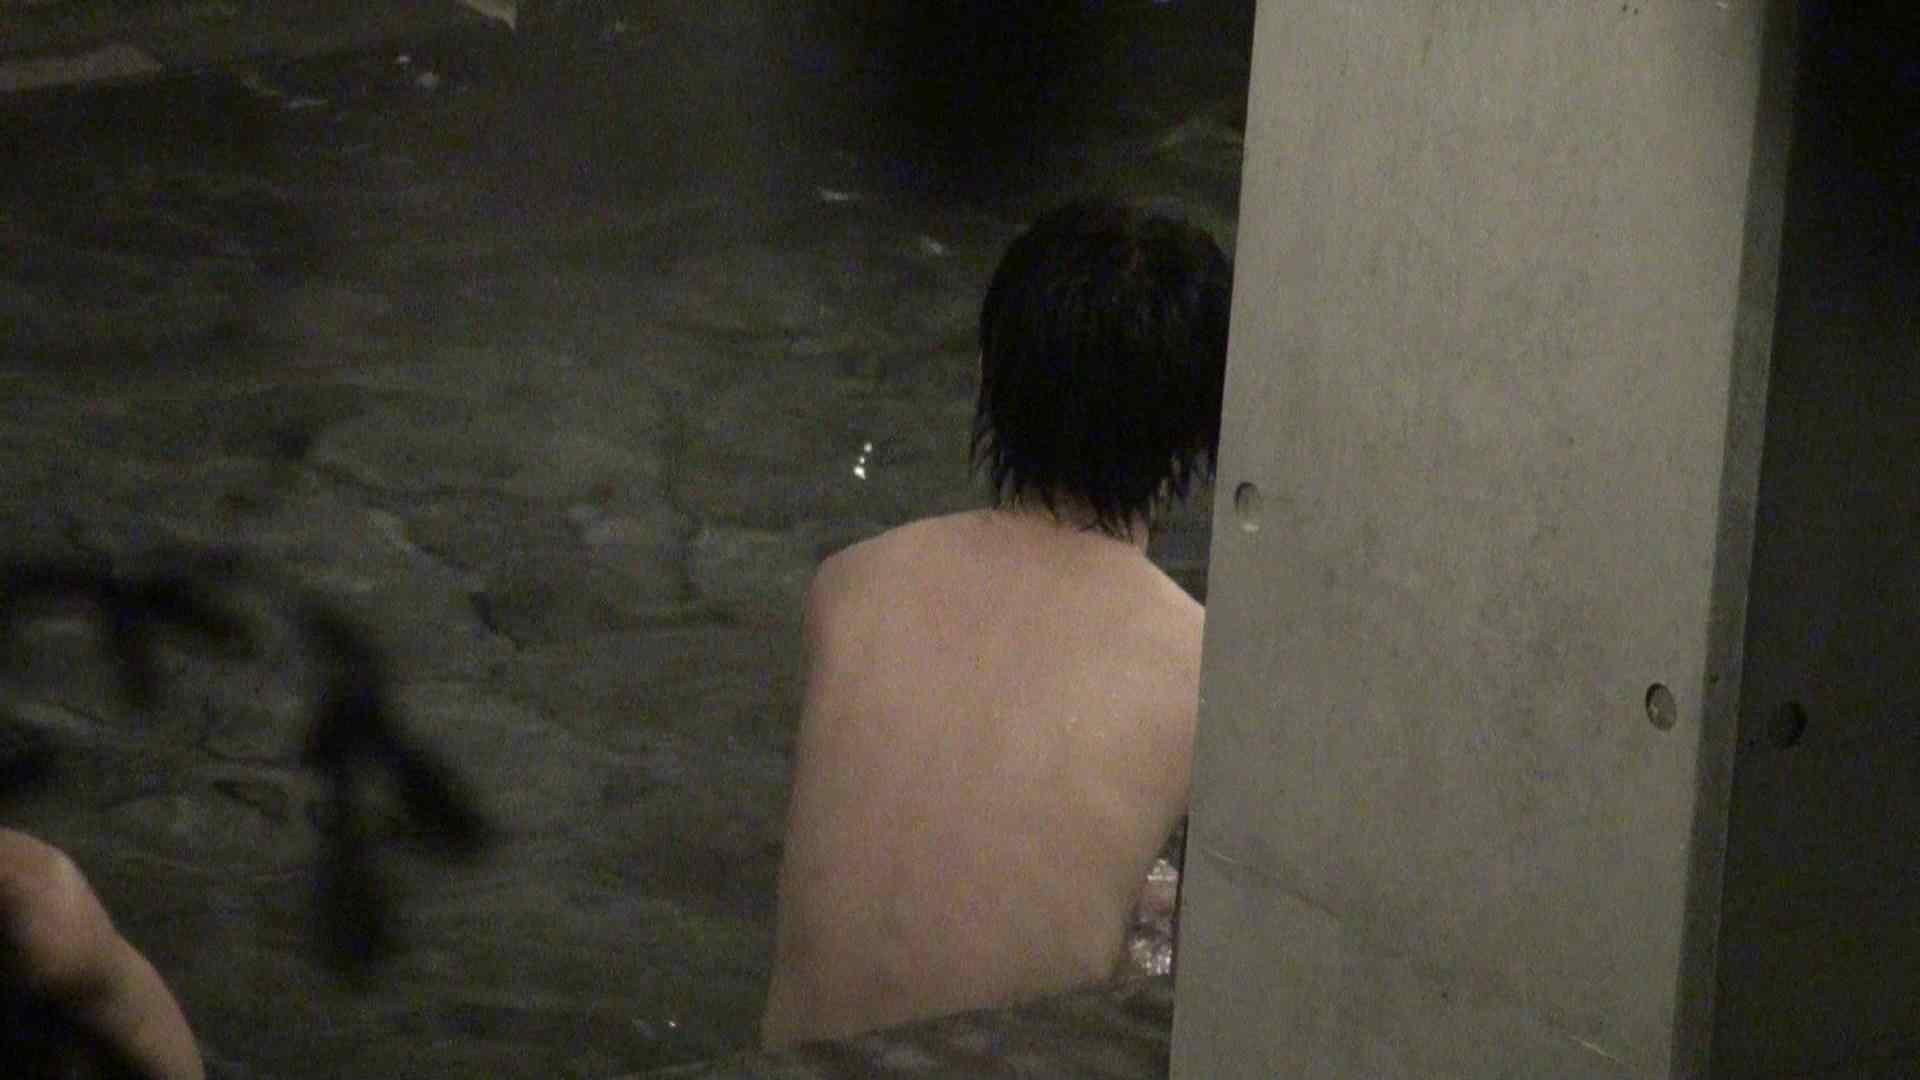 Aquaな露天風呂Vol.323 露天 | 盗撮特集  86画像 73